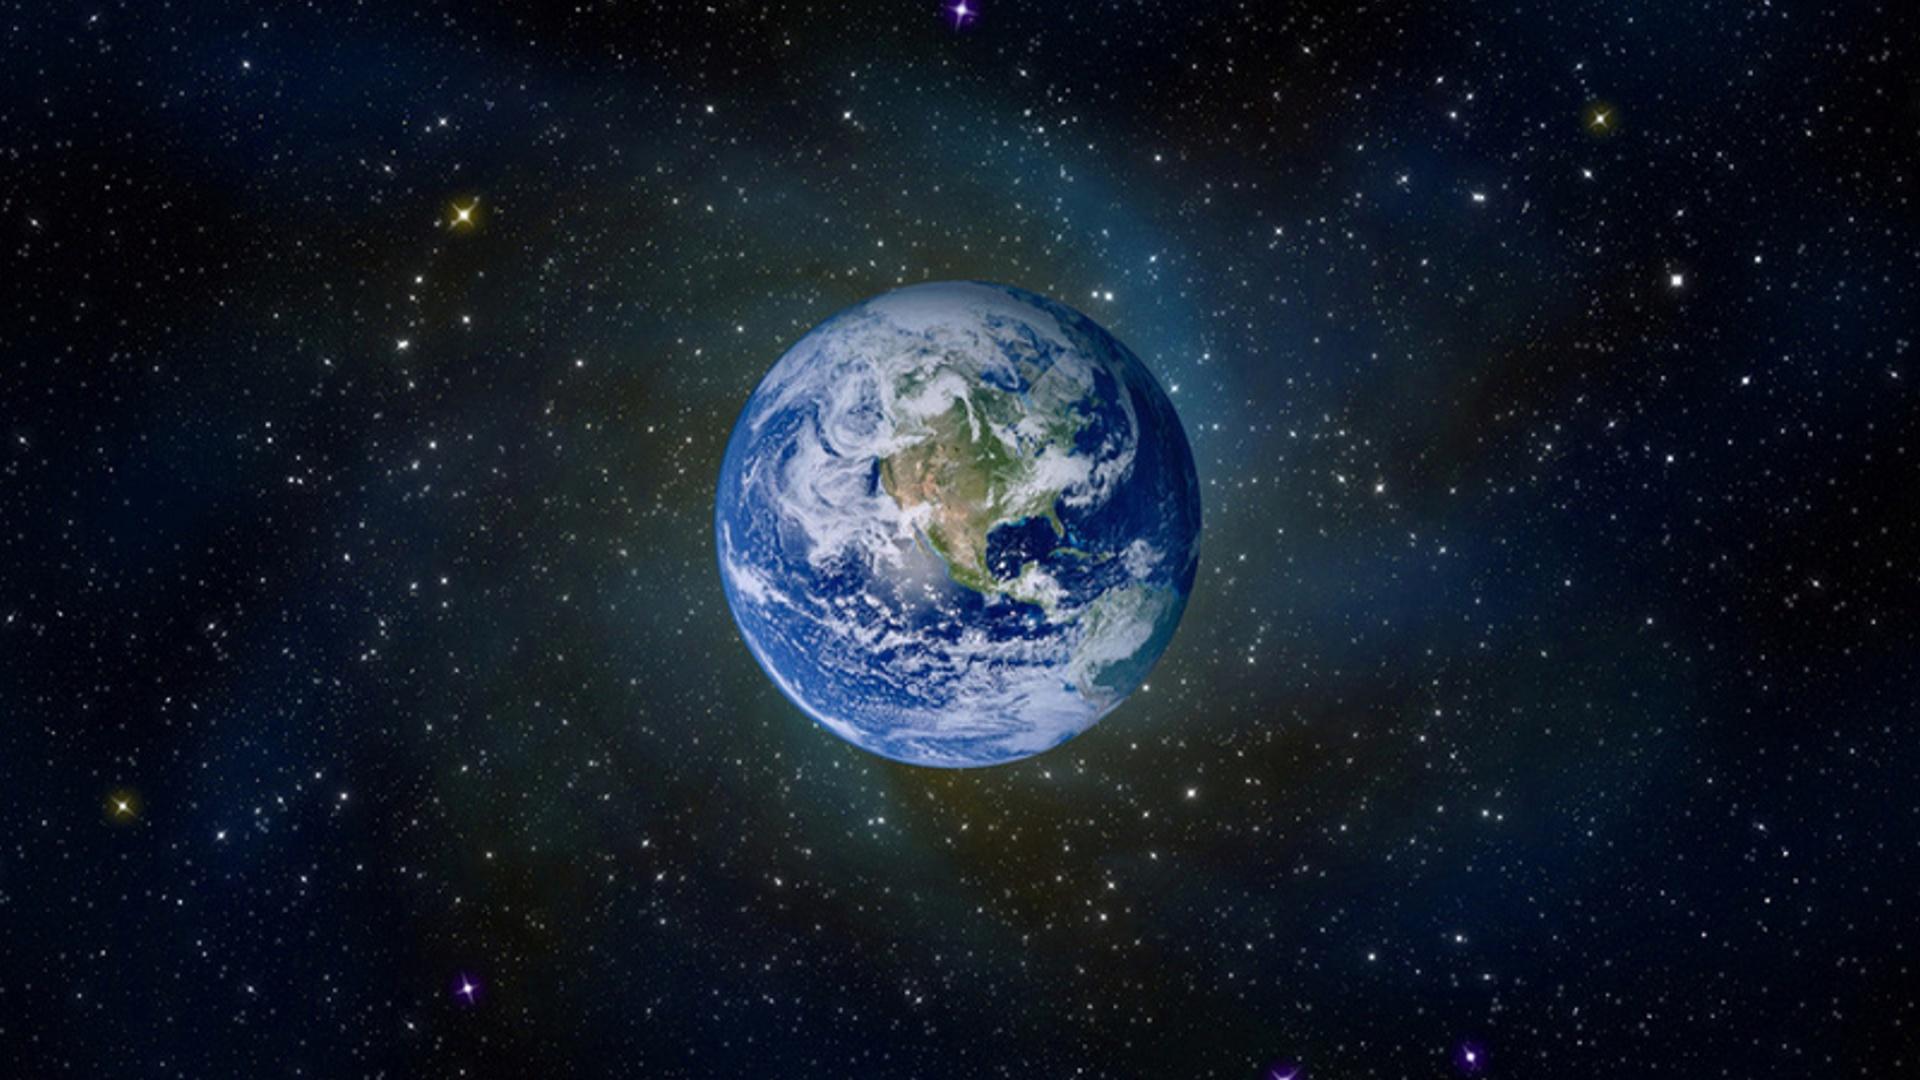 Alimlər planetimizin yox olma ehtimalını açıqlayıb